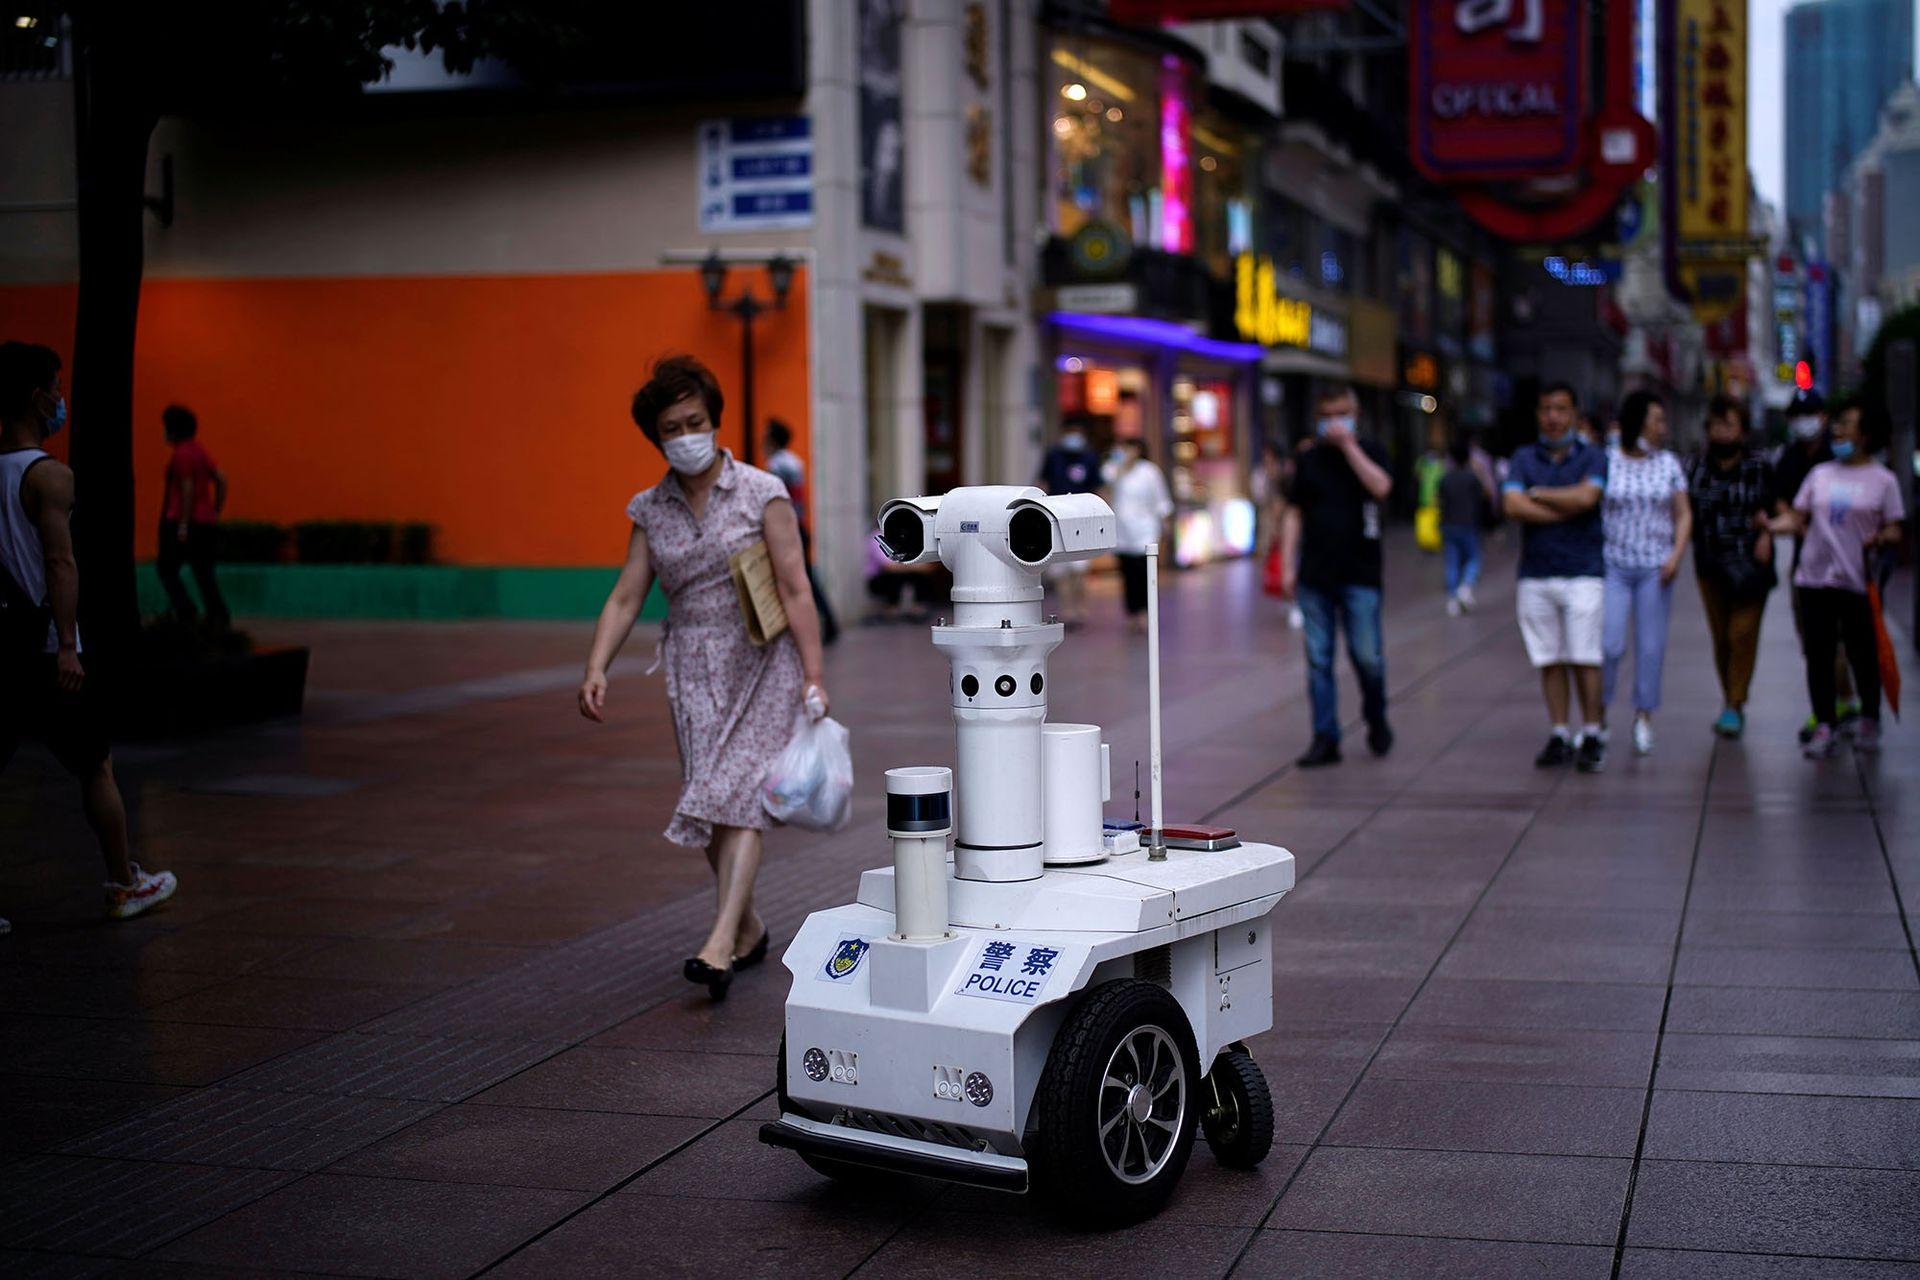 Vigilancia. Un robot policial circula por las calles de Shanghai, en junio